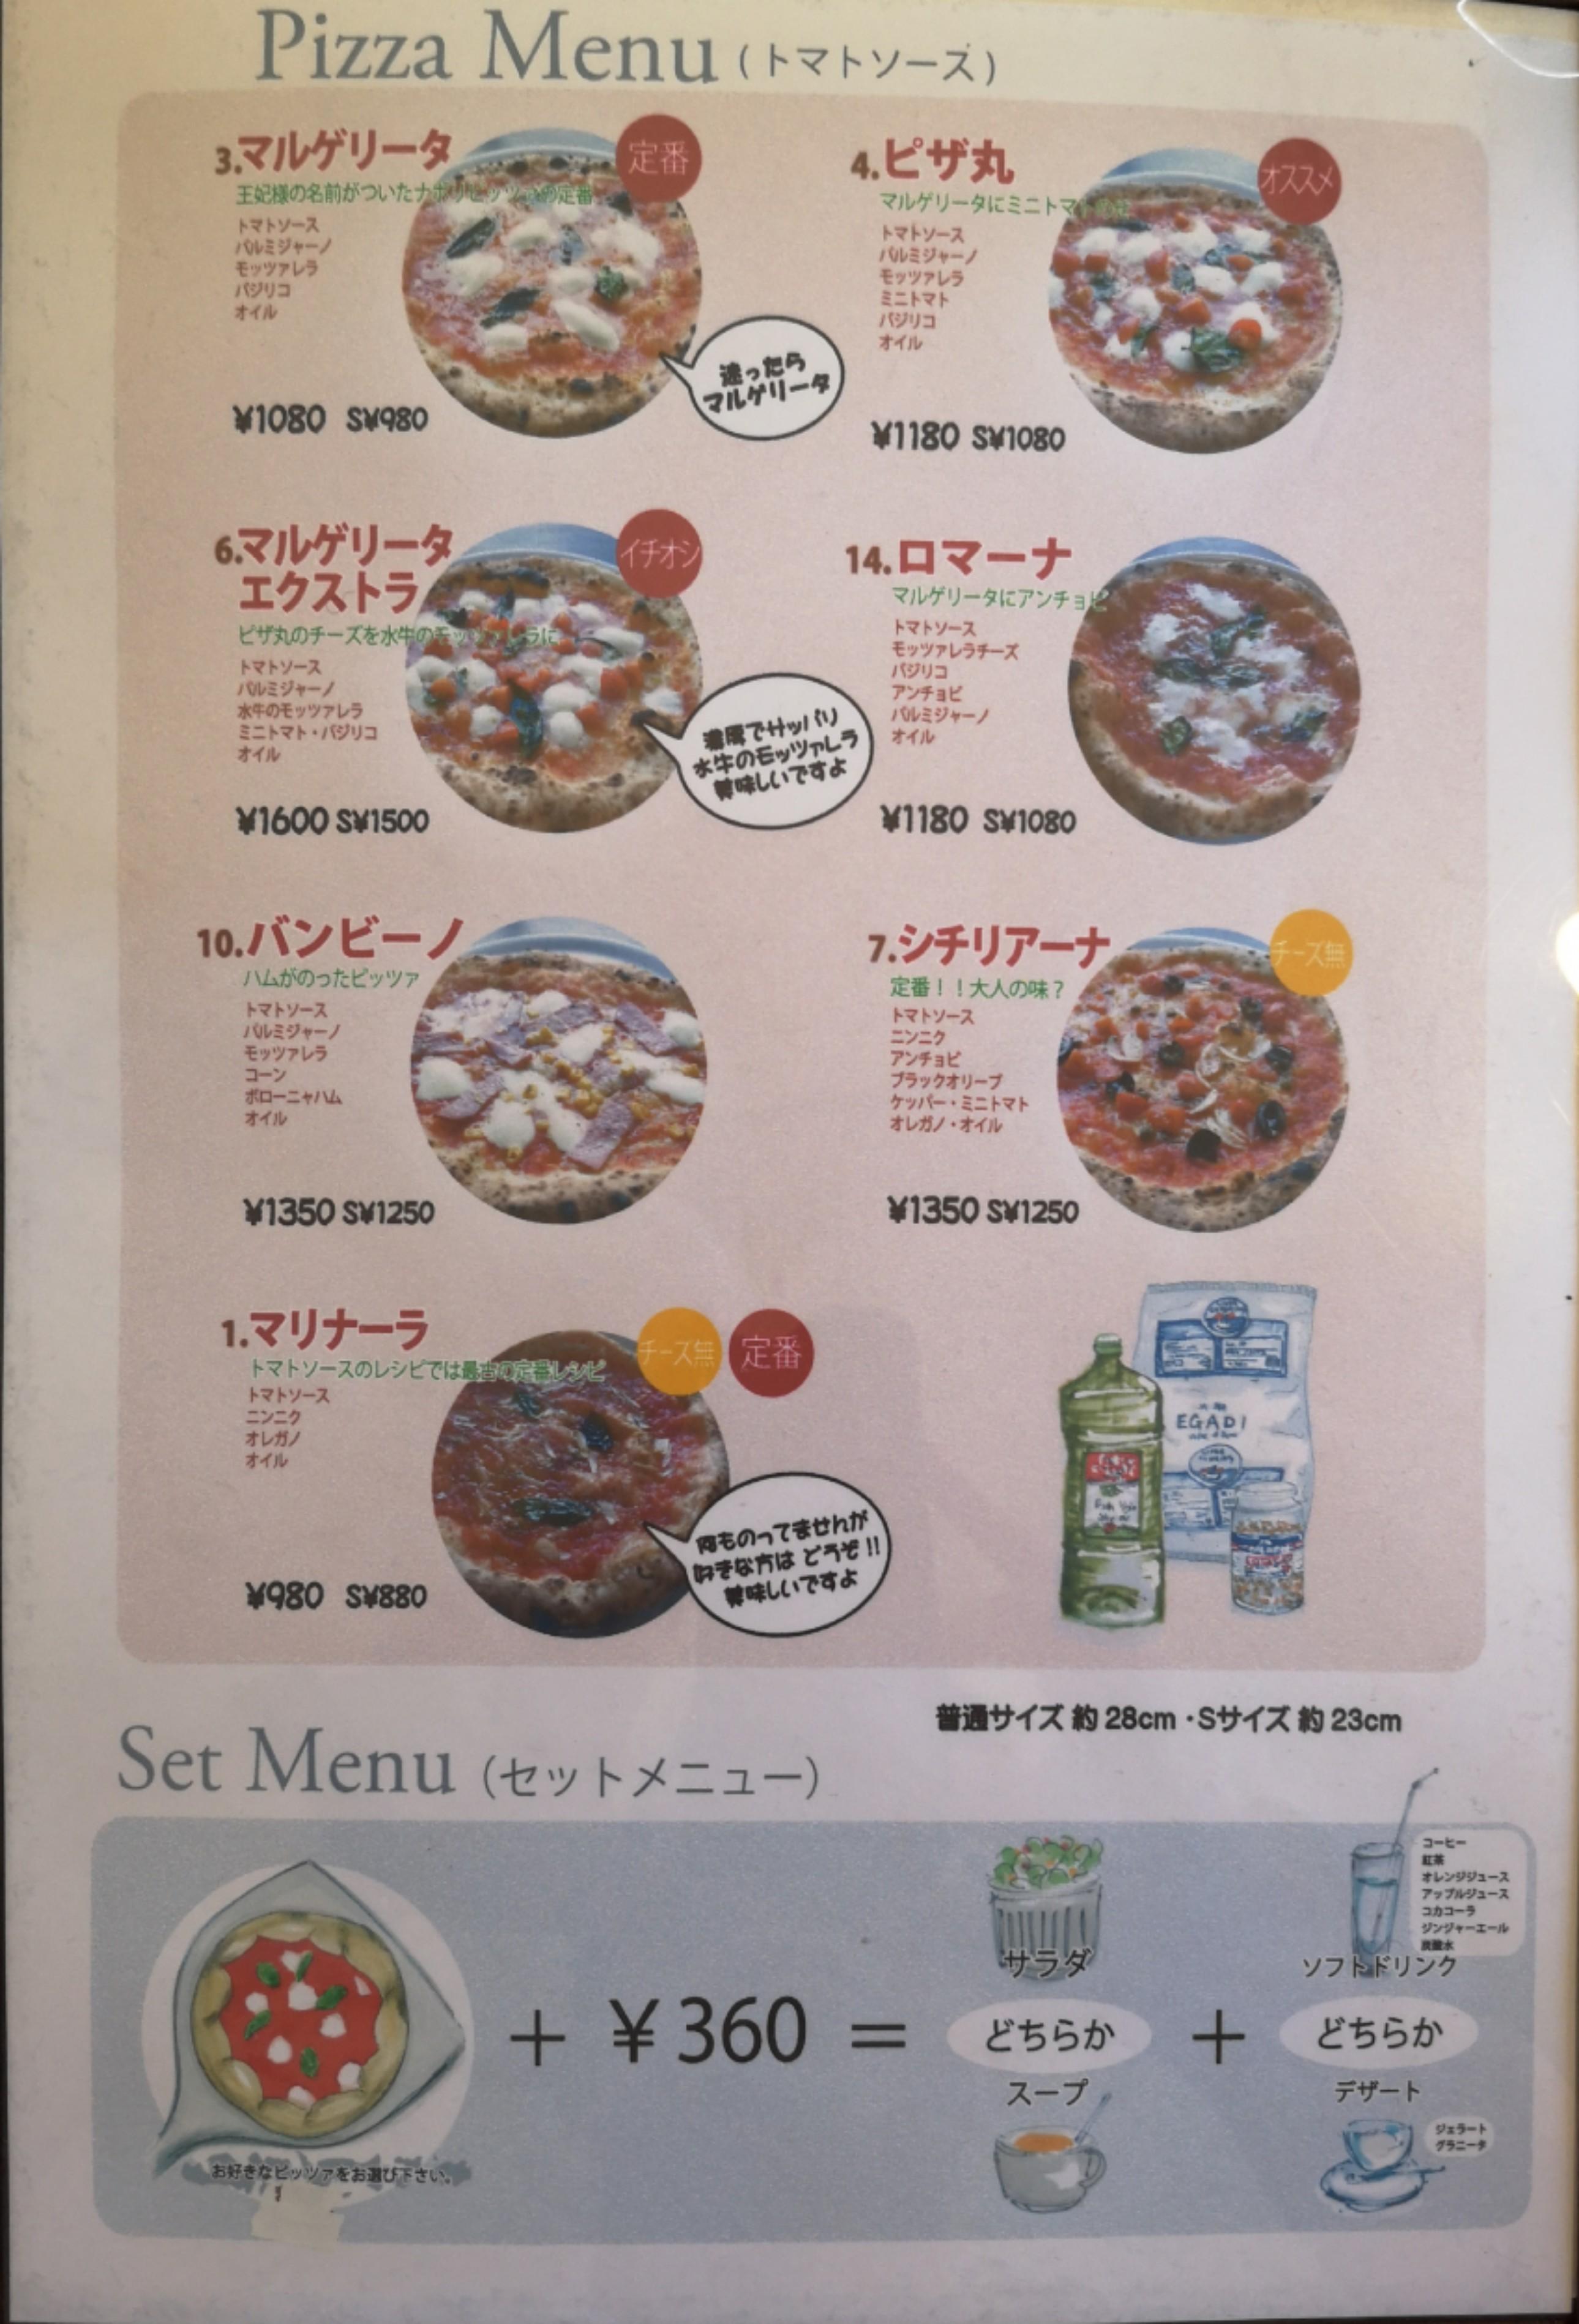 石釜ピザ丸のメニュー